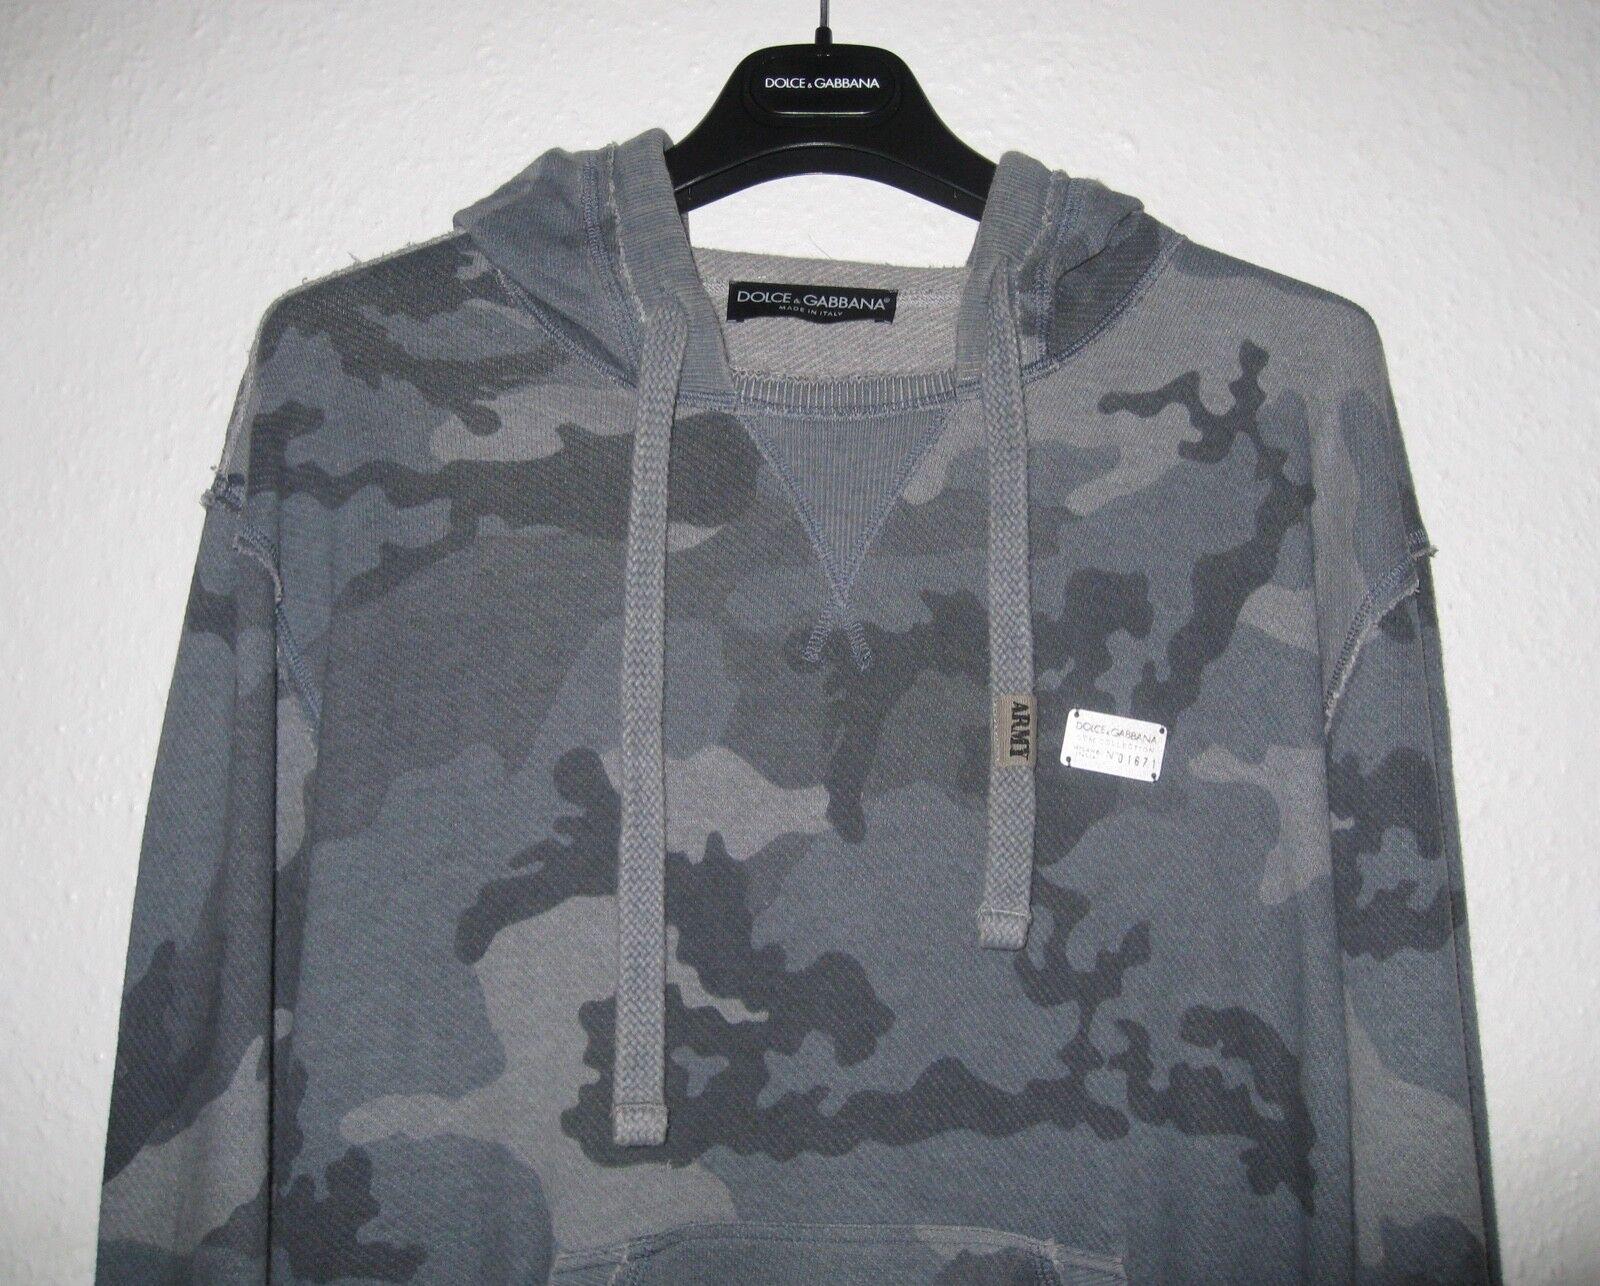 DOLCE & GABBANA Camouflage PIASTRA Felpa con cappuccio Taglia 48 48 48 Media 5c6428